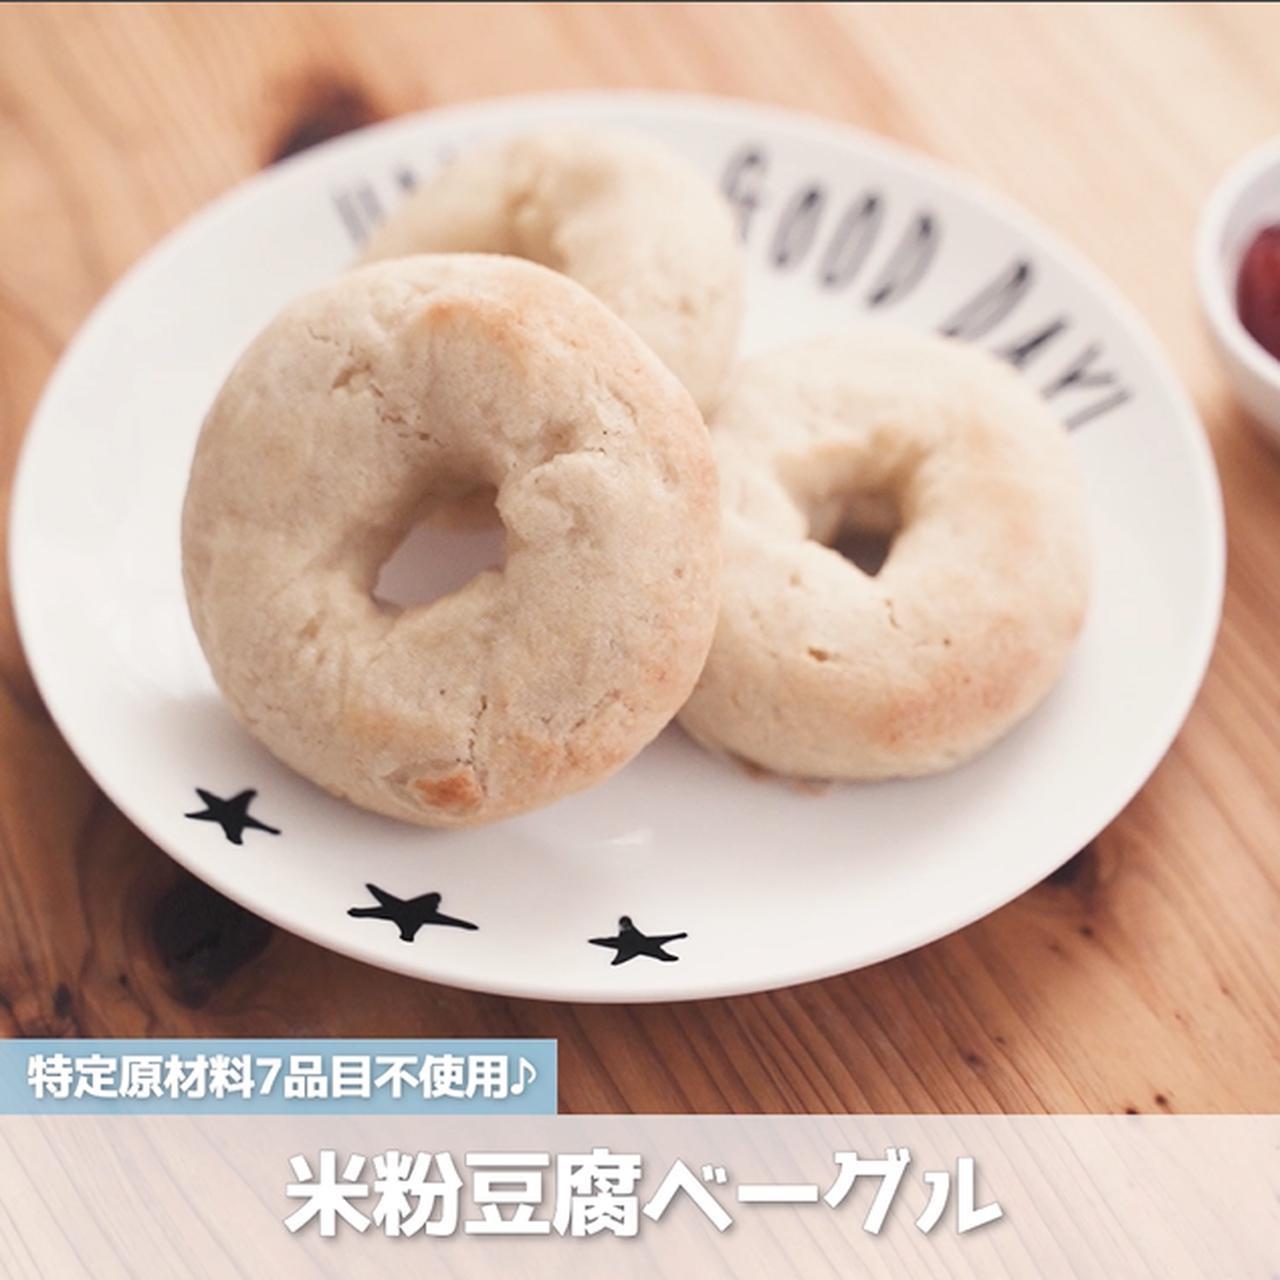 画像: 米粉とお豆腐で作るベーグル - 君とごはん